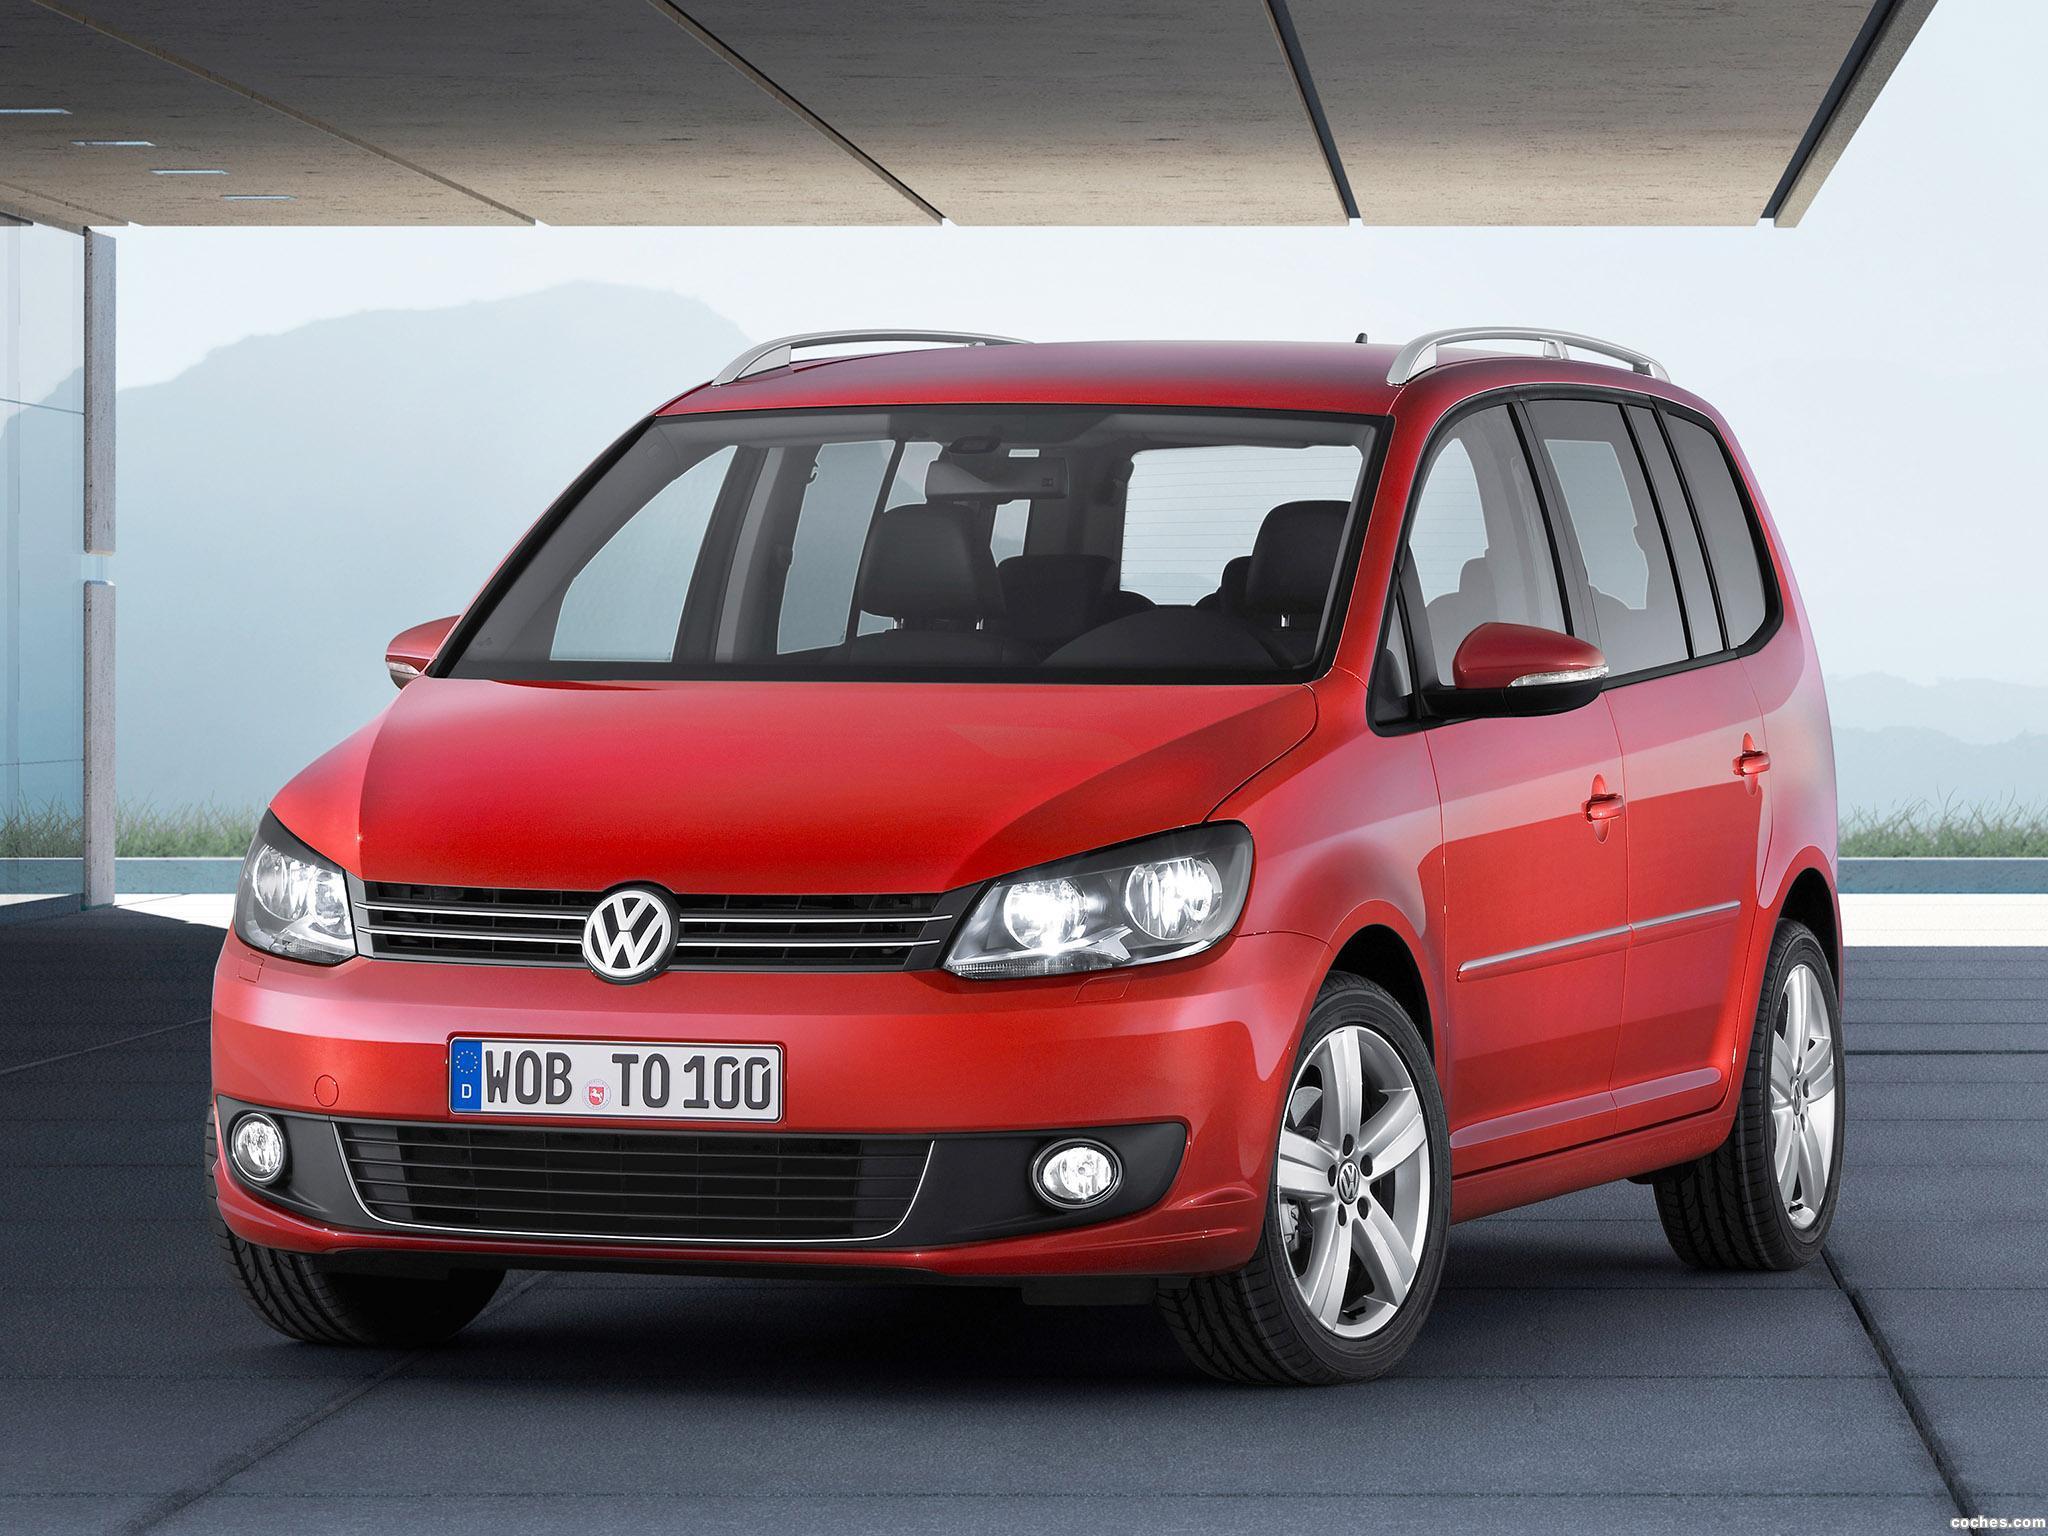 Foto 0 de Volkswagen Touran 2010